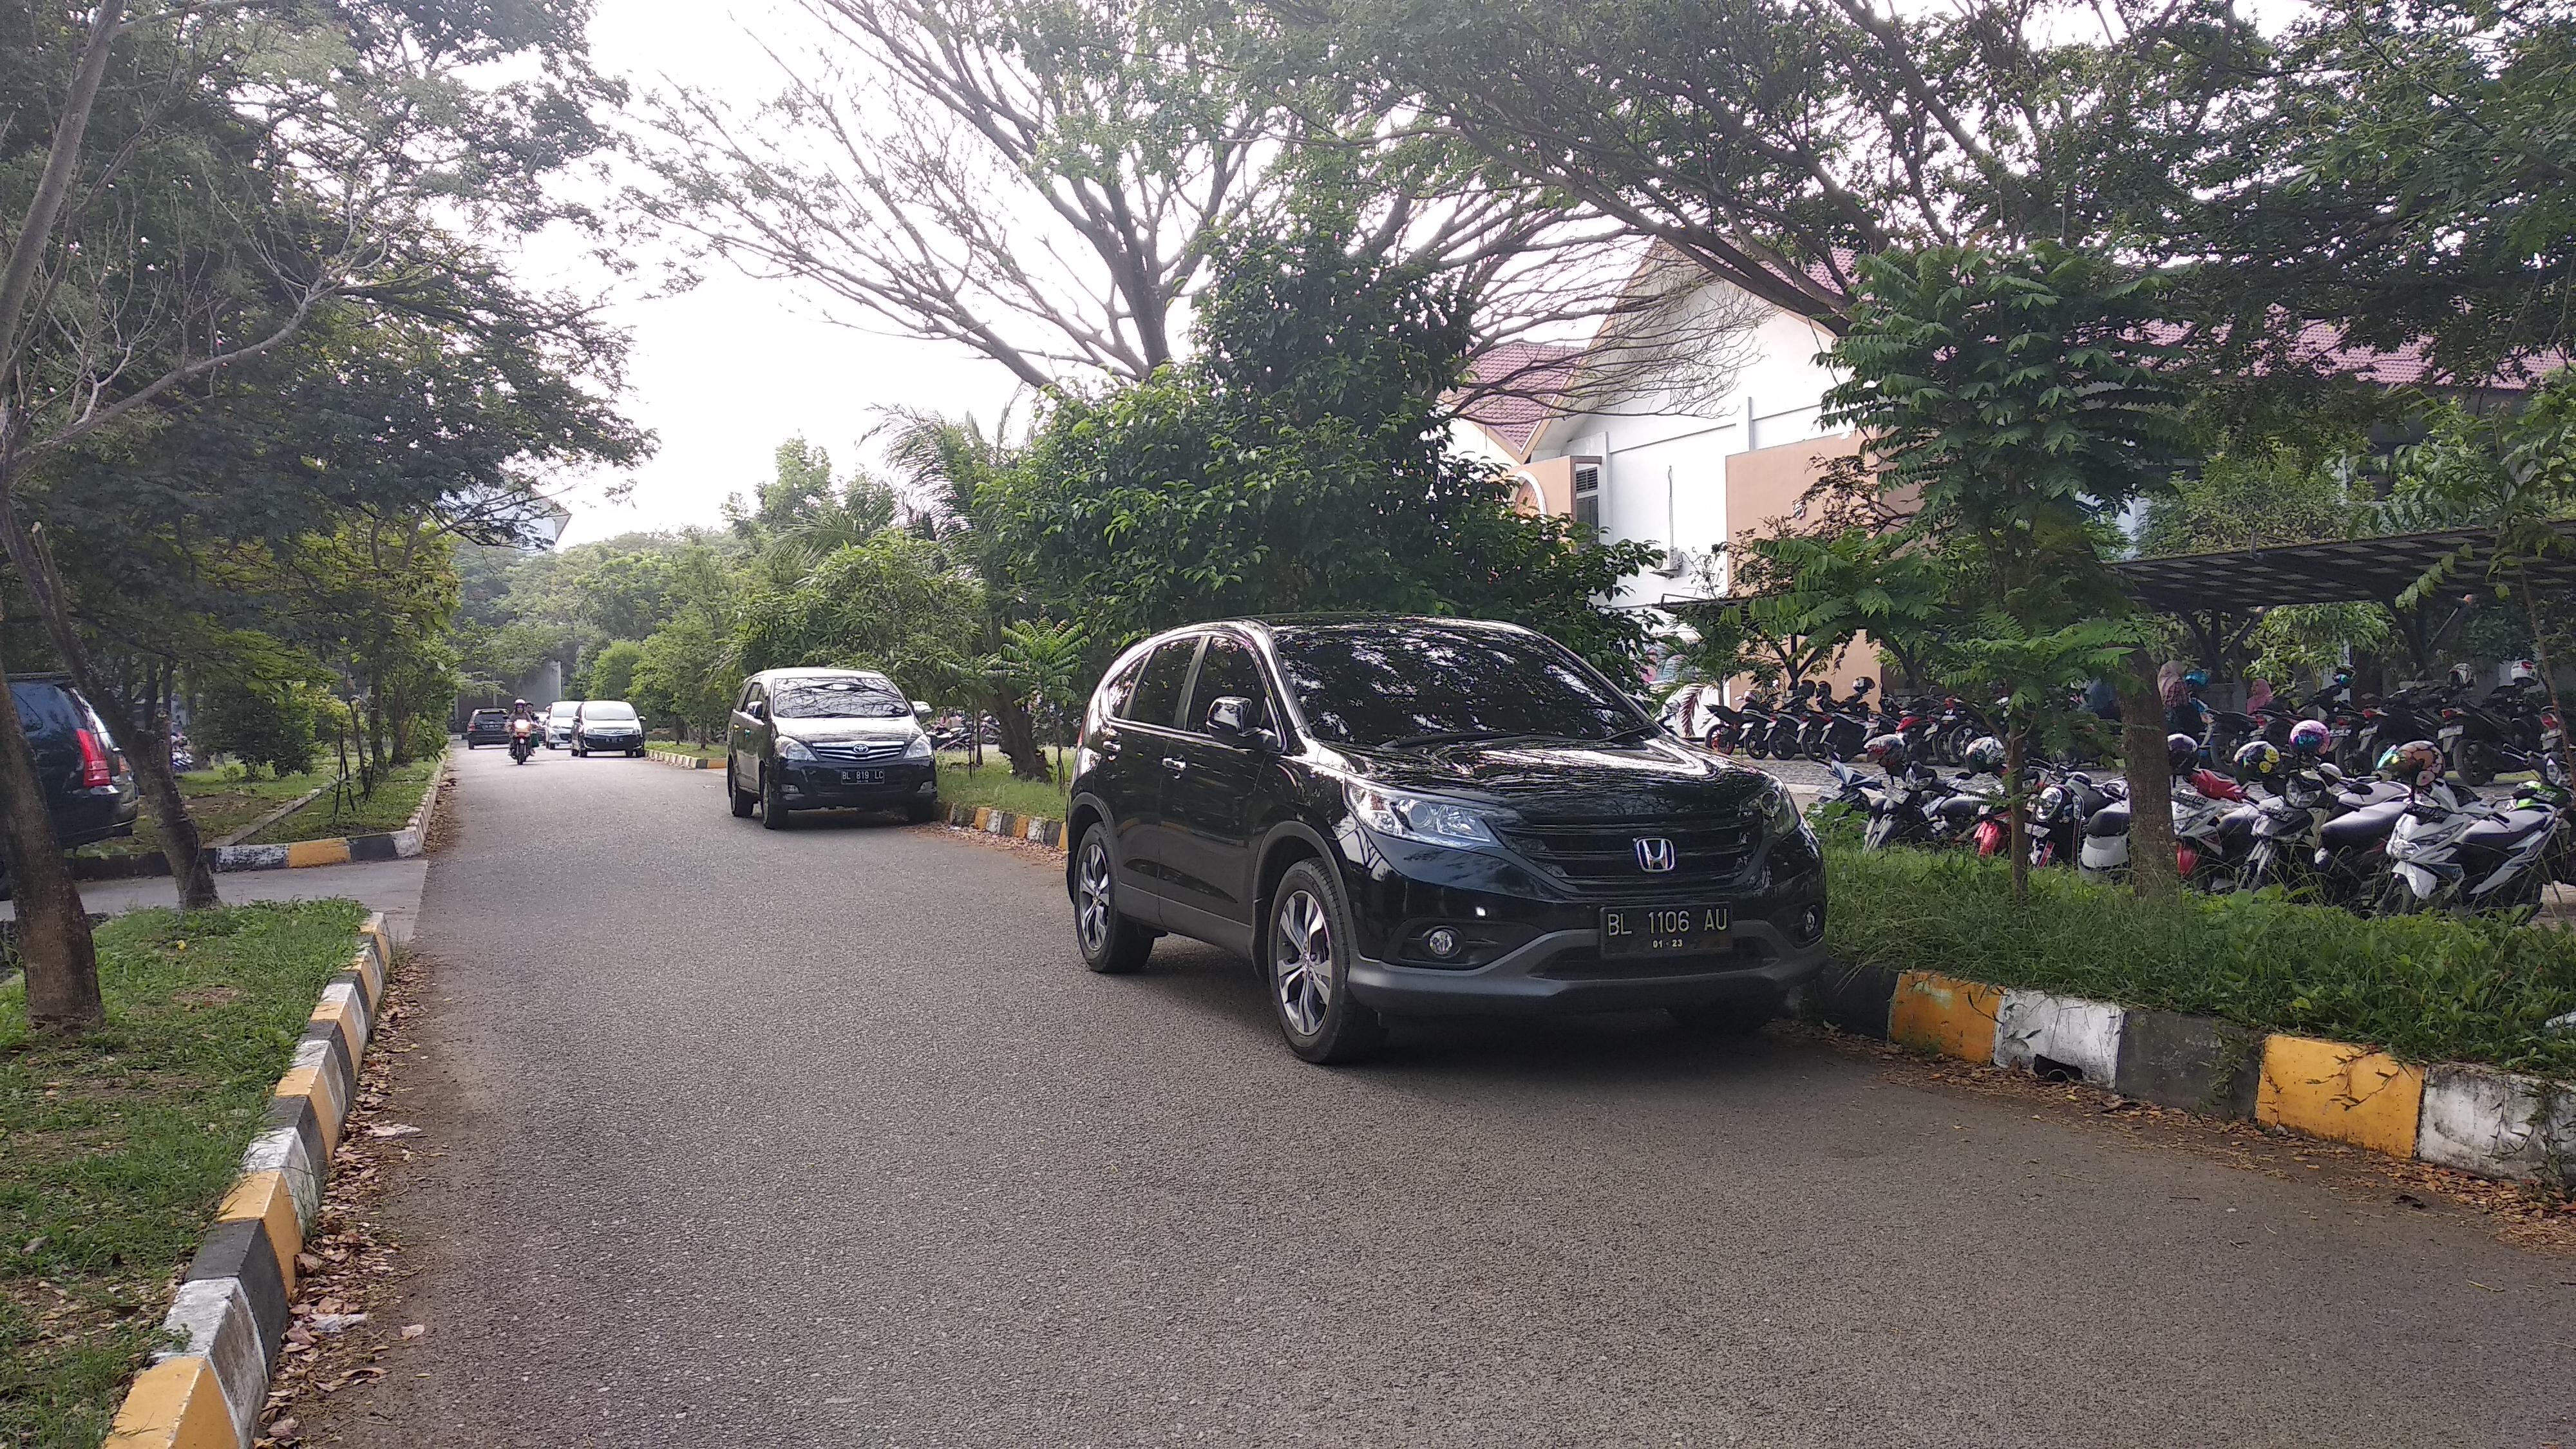 Mobil Parkir Dibadan Jalan, Mahasiswa Mengeluh